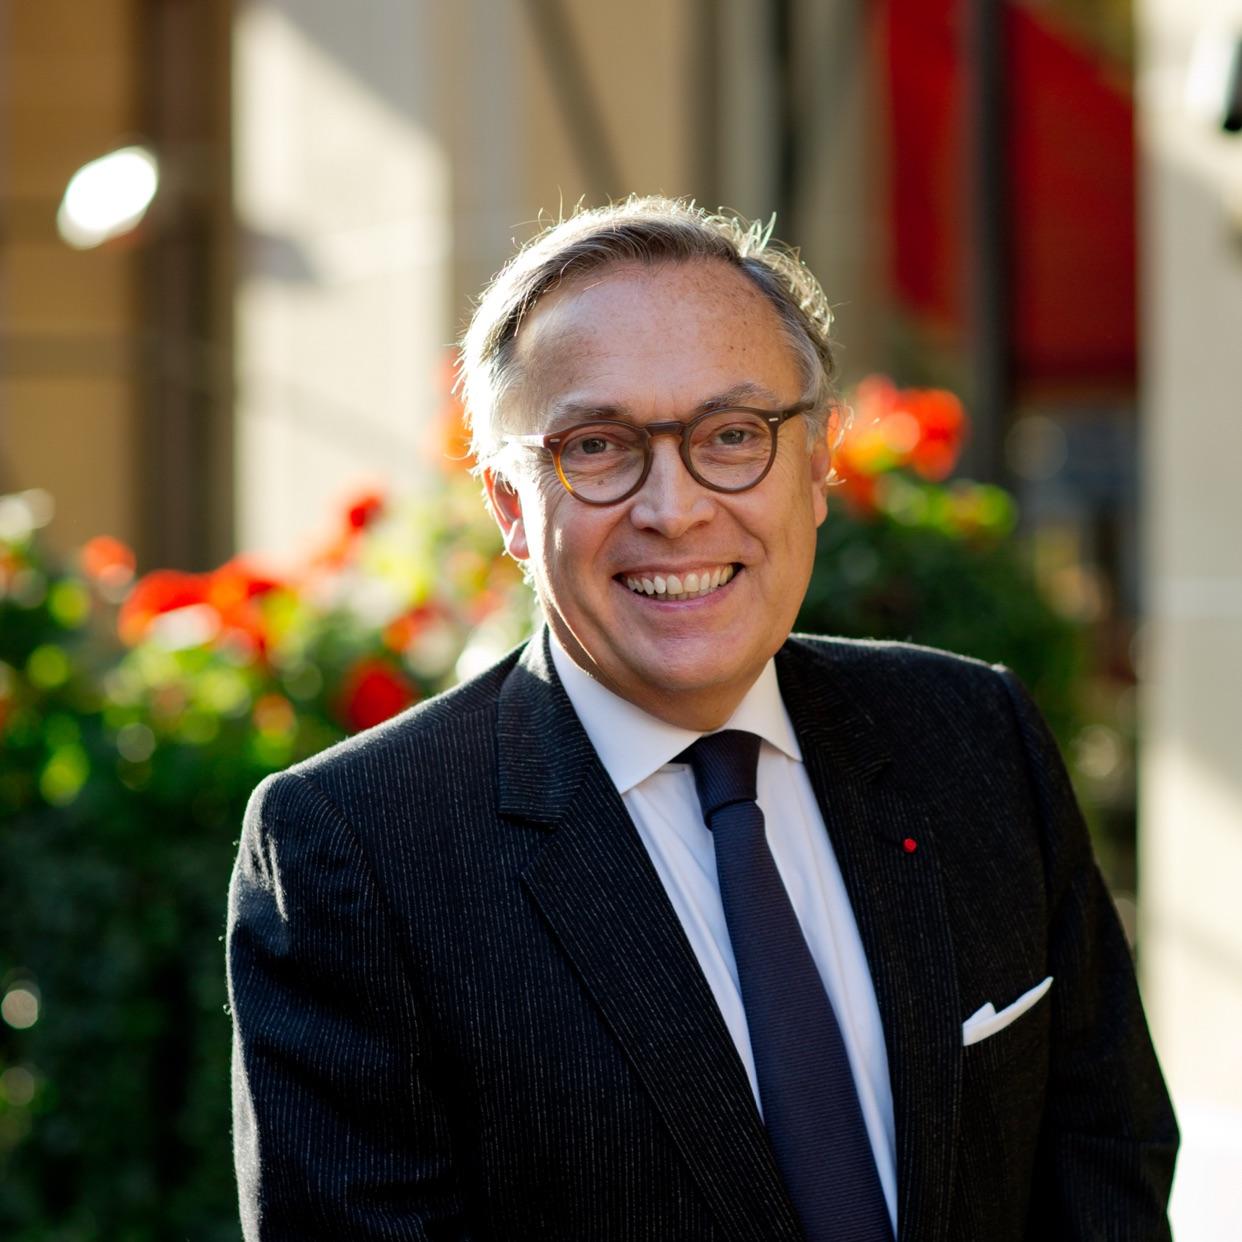 François Delahaye, GM Hôtel Plaza Athénée, Paris & COO Dorchester Collection